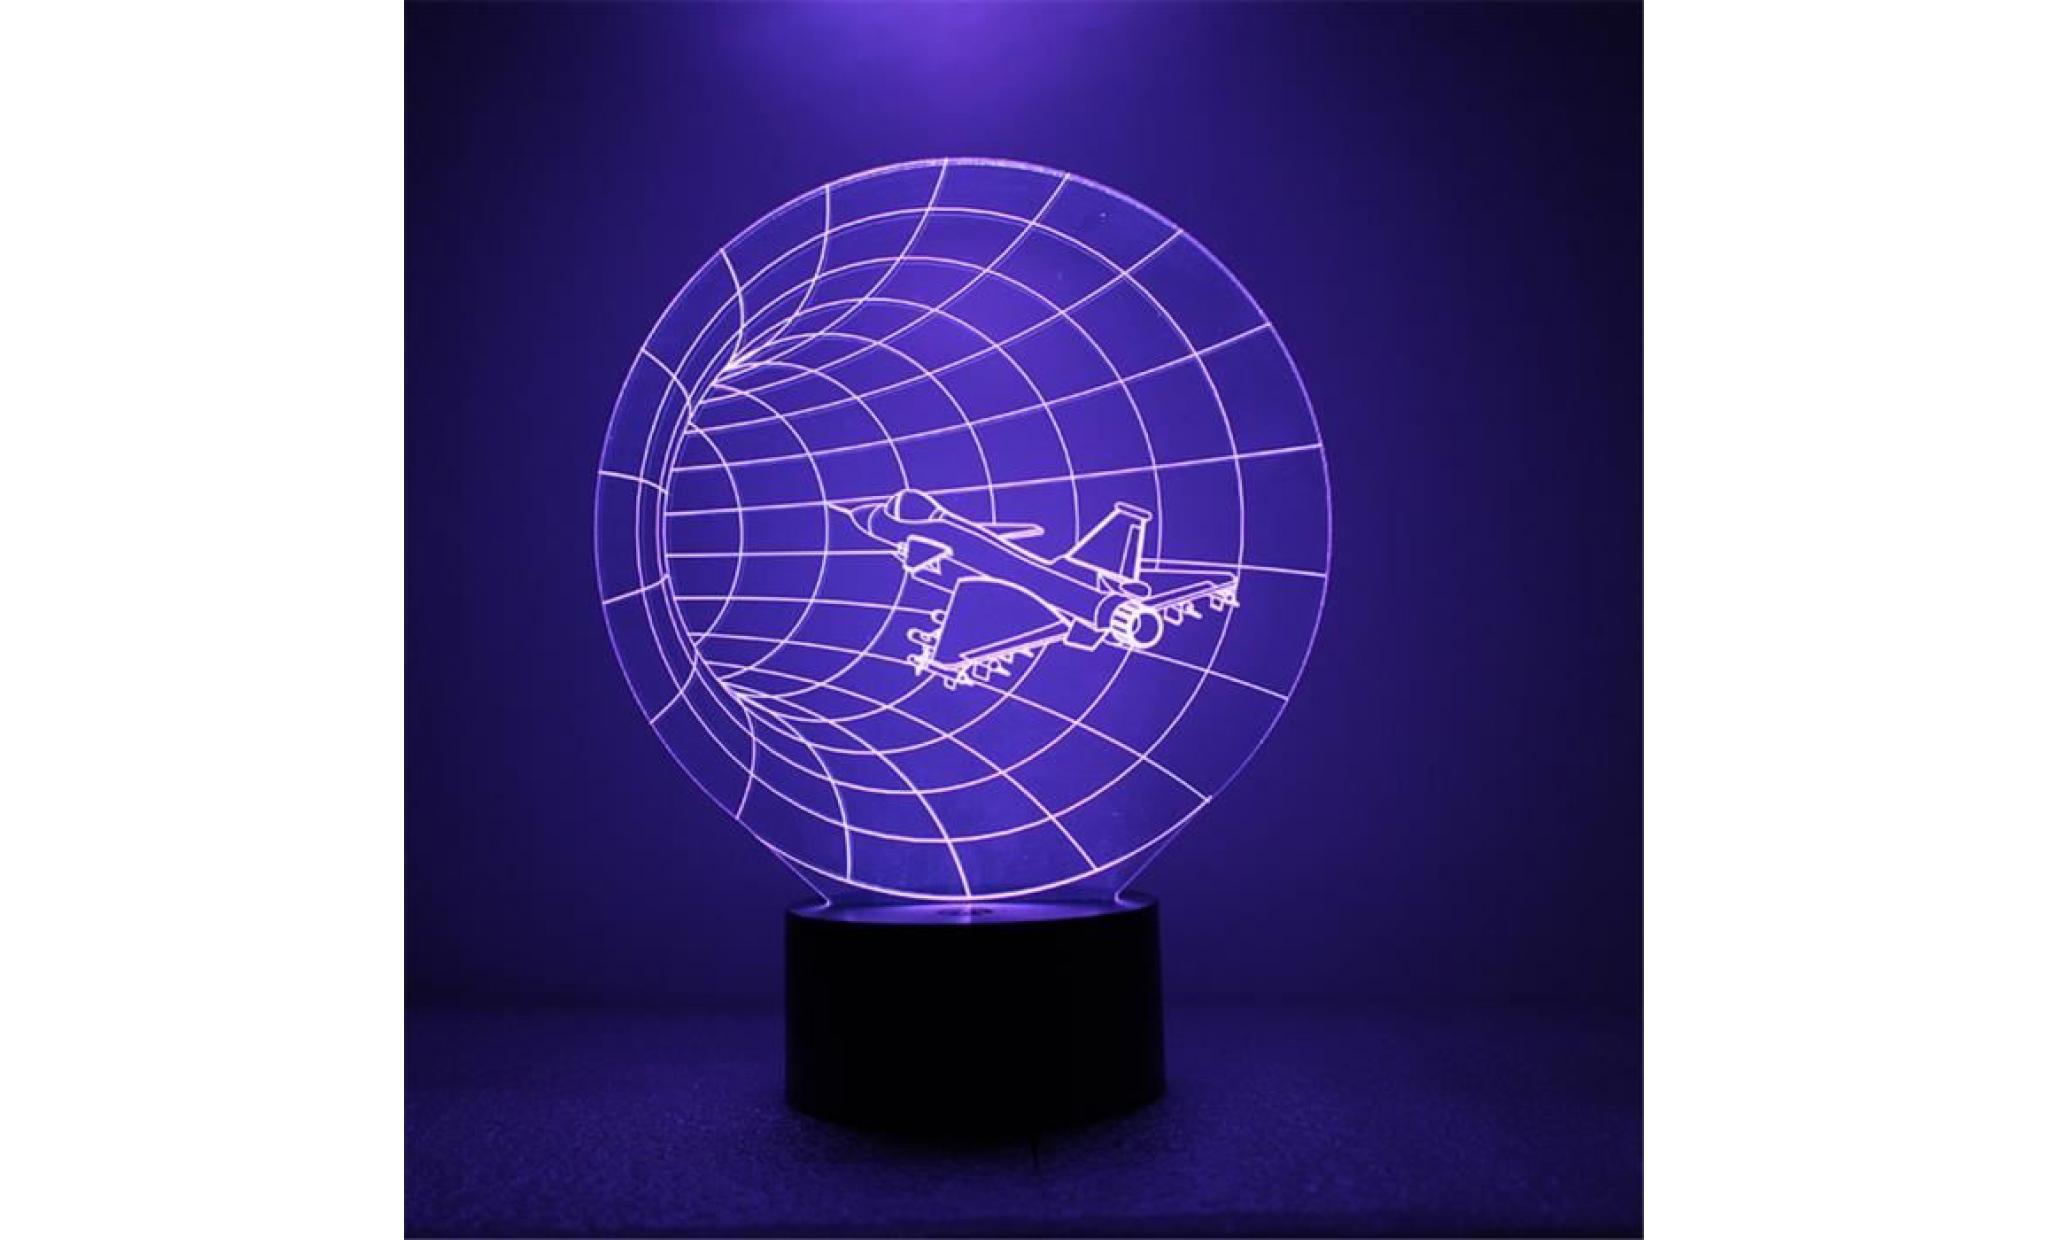 Pour Illusion Led 3d Aircraft Lampes Couleurs Optique 7 Maison La Light Night led1634 TuwiZOPklX